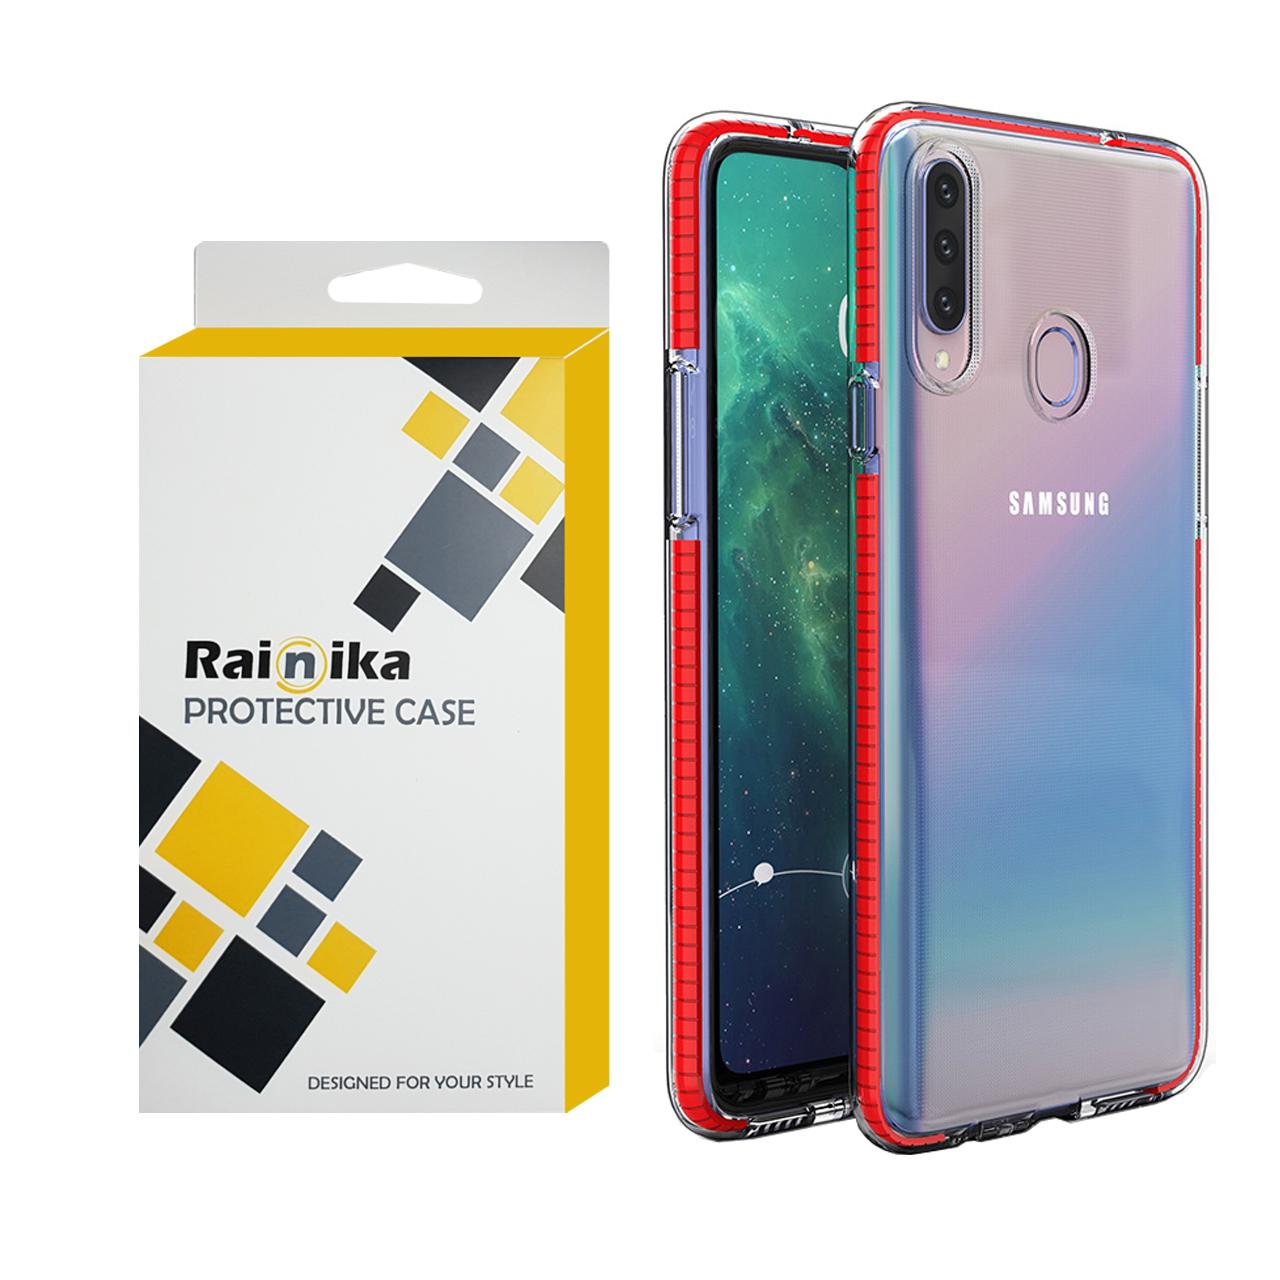 کاور رینیکا مدل 2020 مناسب برای گوشی موبایل سامسونگ galaxy A20S